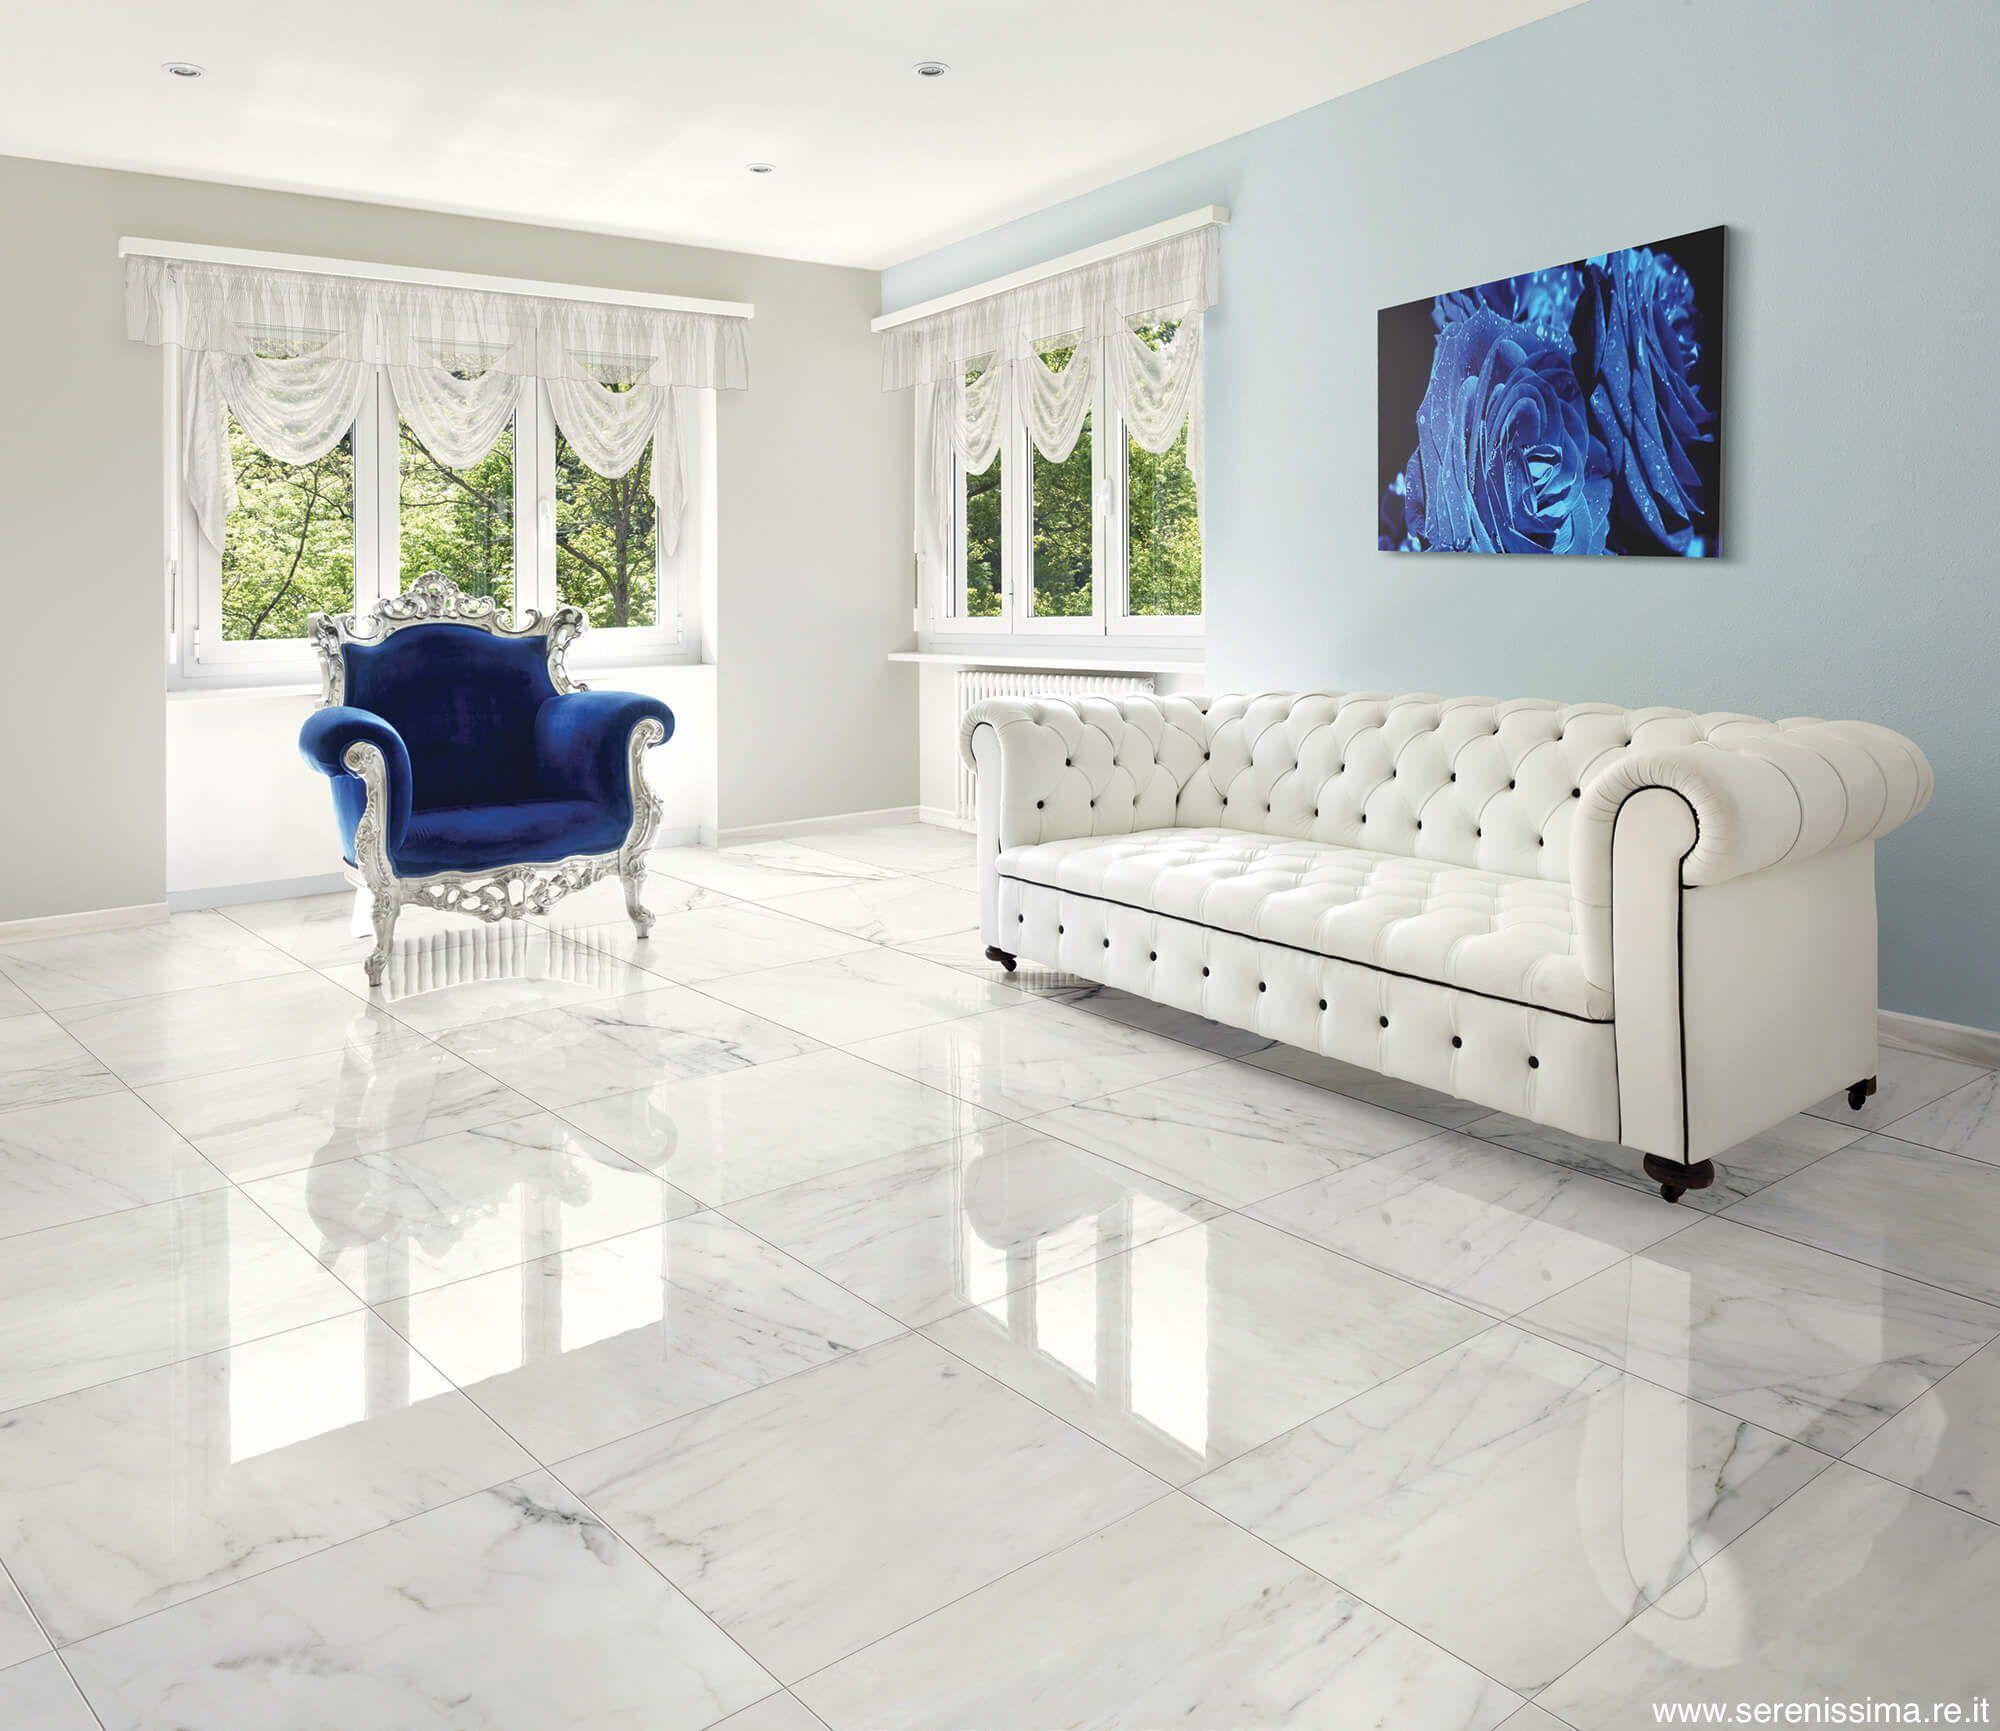 Buy Deliver Italian Tiles In Sri Lanka By Idel Hamptons S